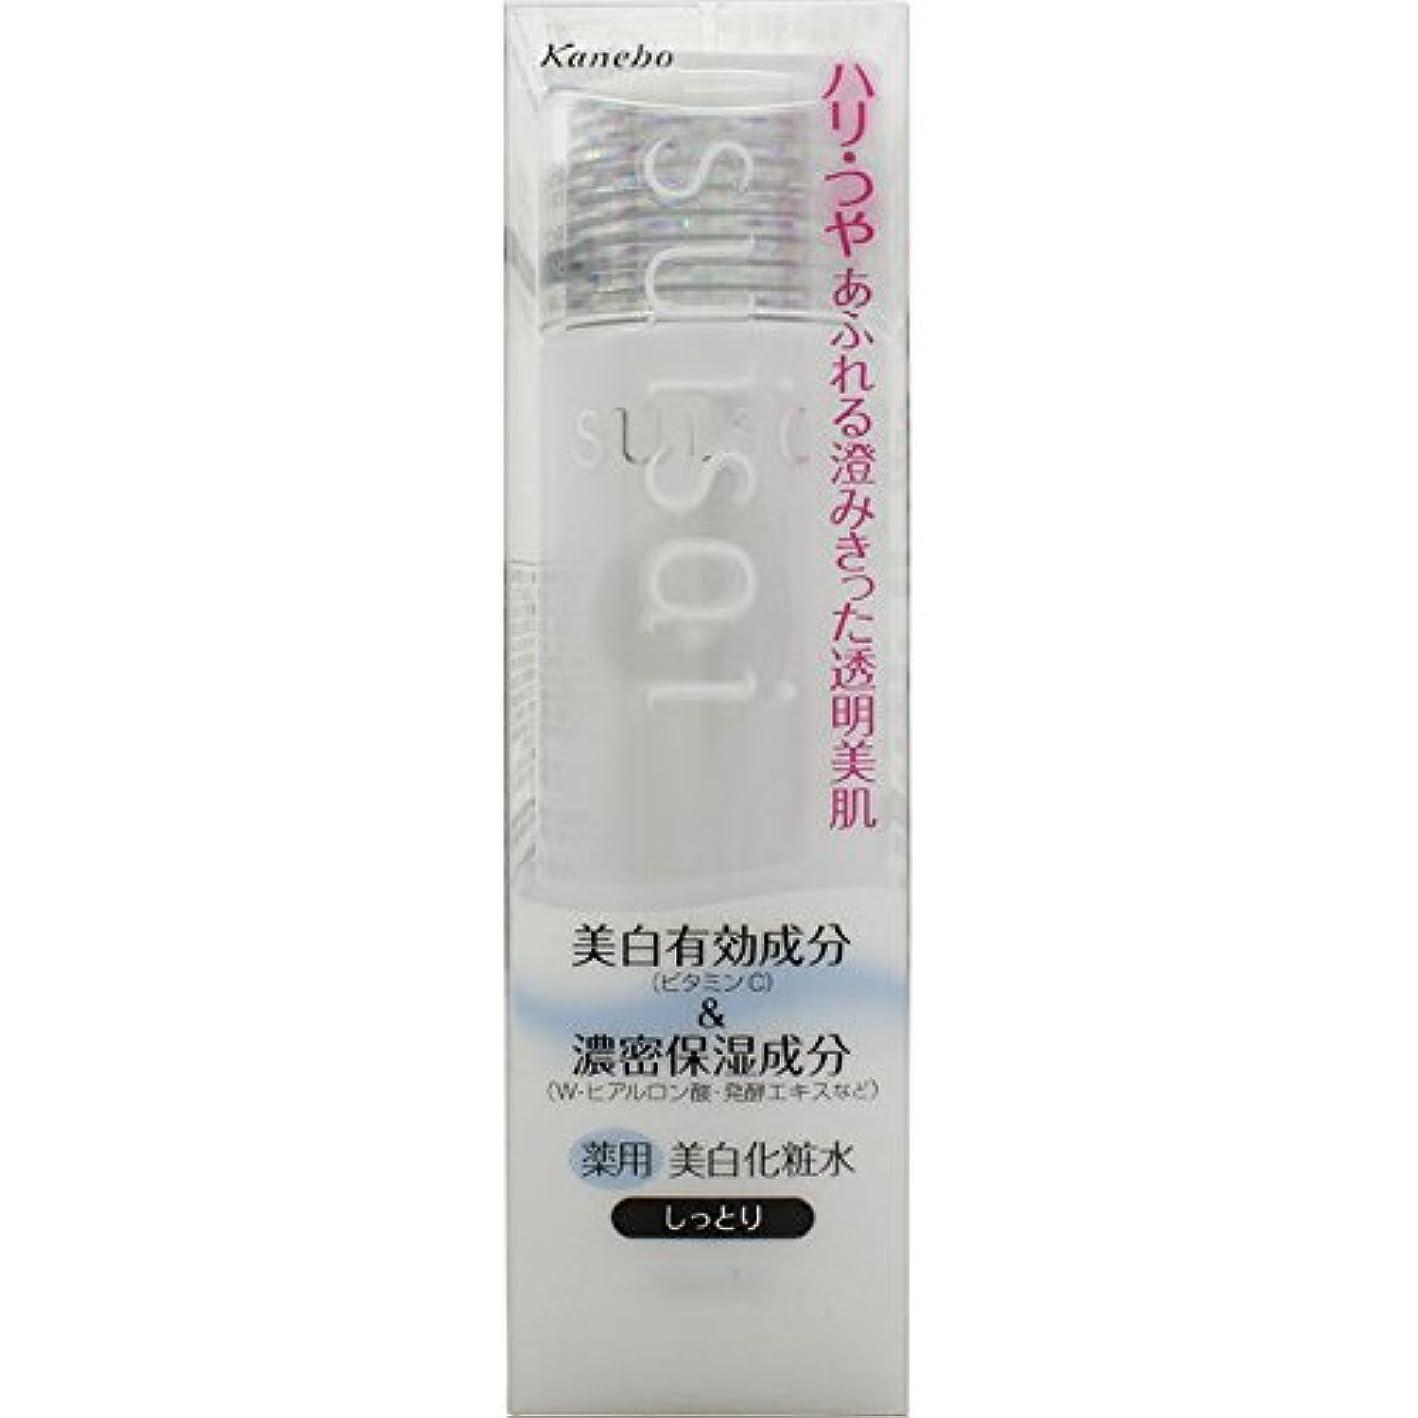 ジュース豊富な憎しみカネボウ suisai スイサイホワイトニングローションII (しっとり) 150ml